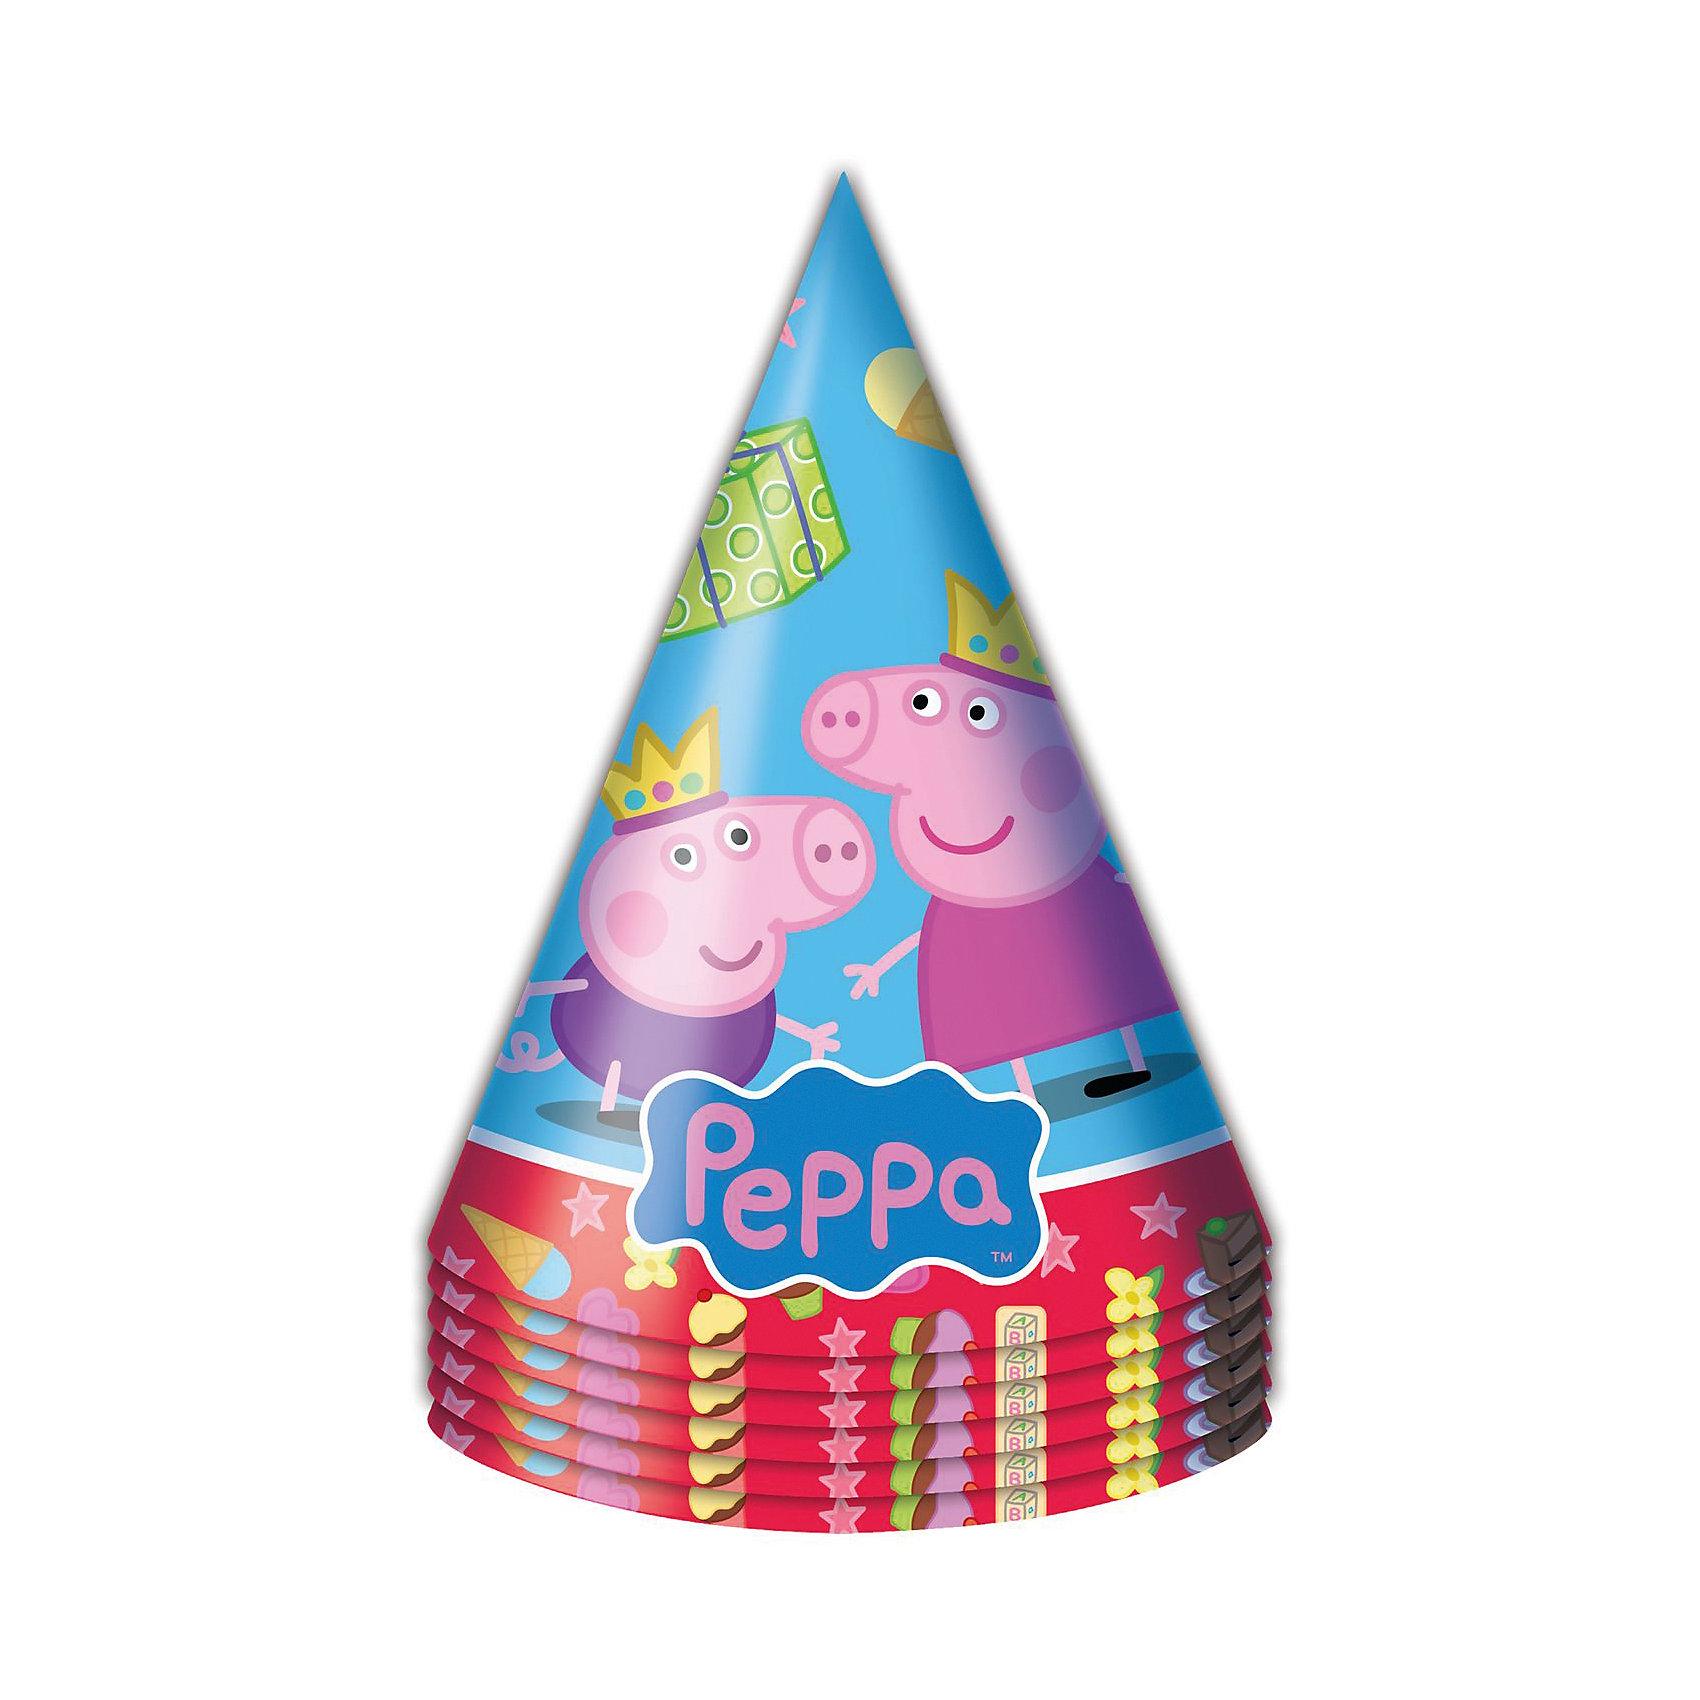 Росмэн Колпачок Пеппа Принцесса 6 шт, Свинка Пеппа росмэн праздничный колпак пеппа принцесса 6 шт